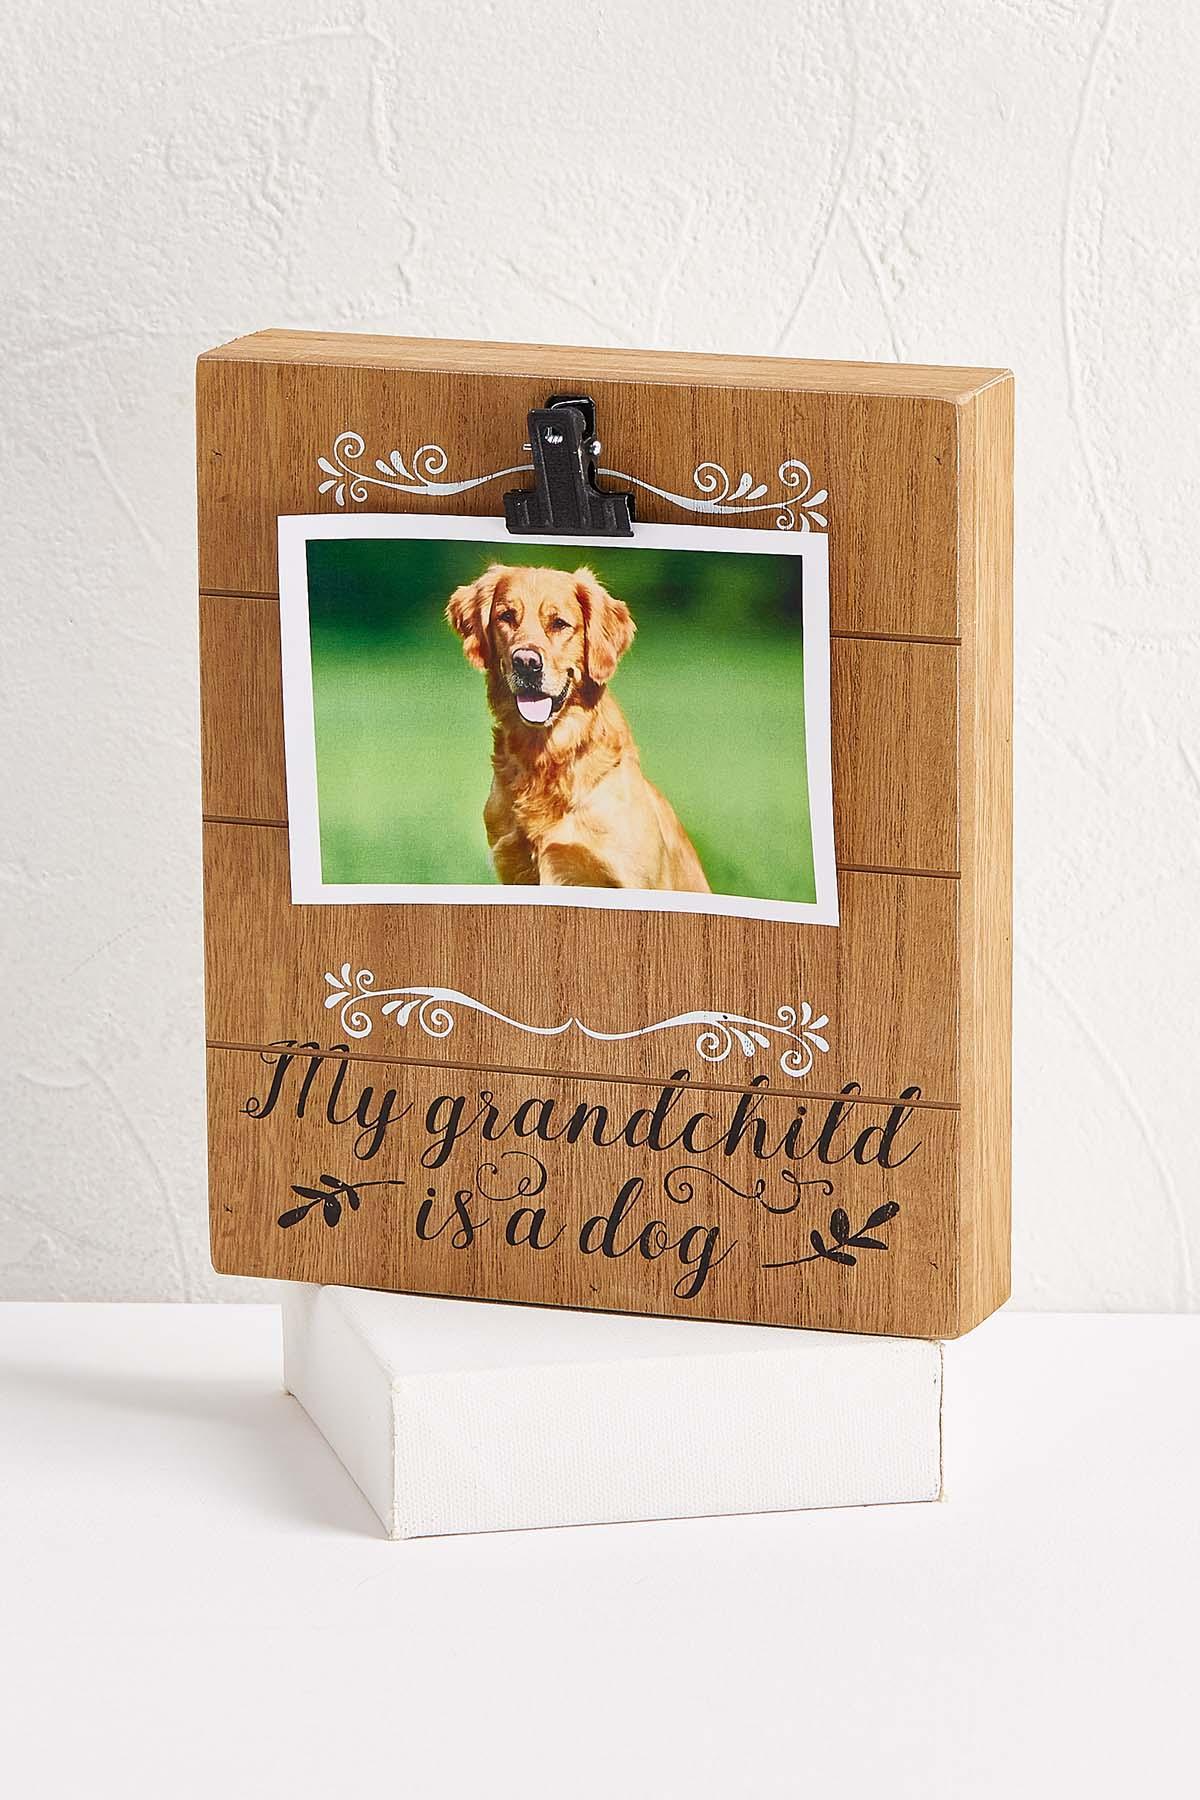 Wooden Grandchild Dog Frame